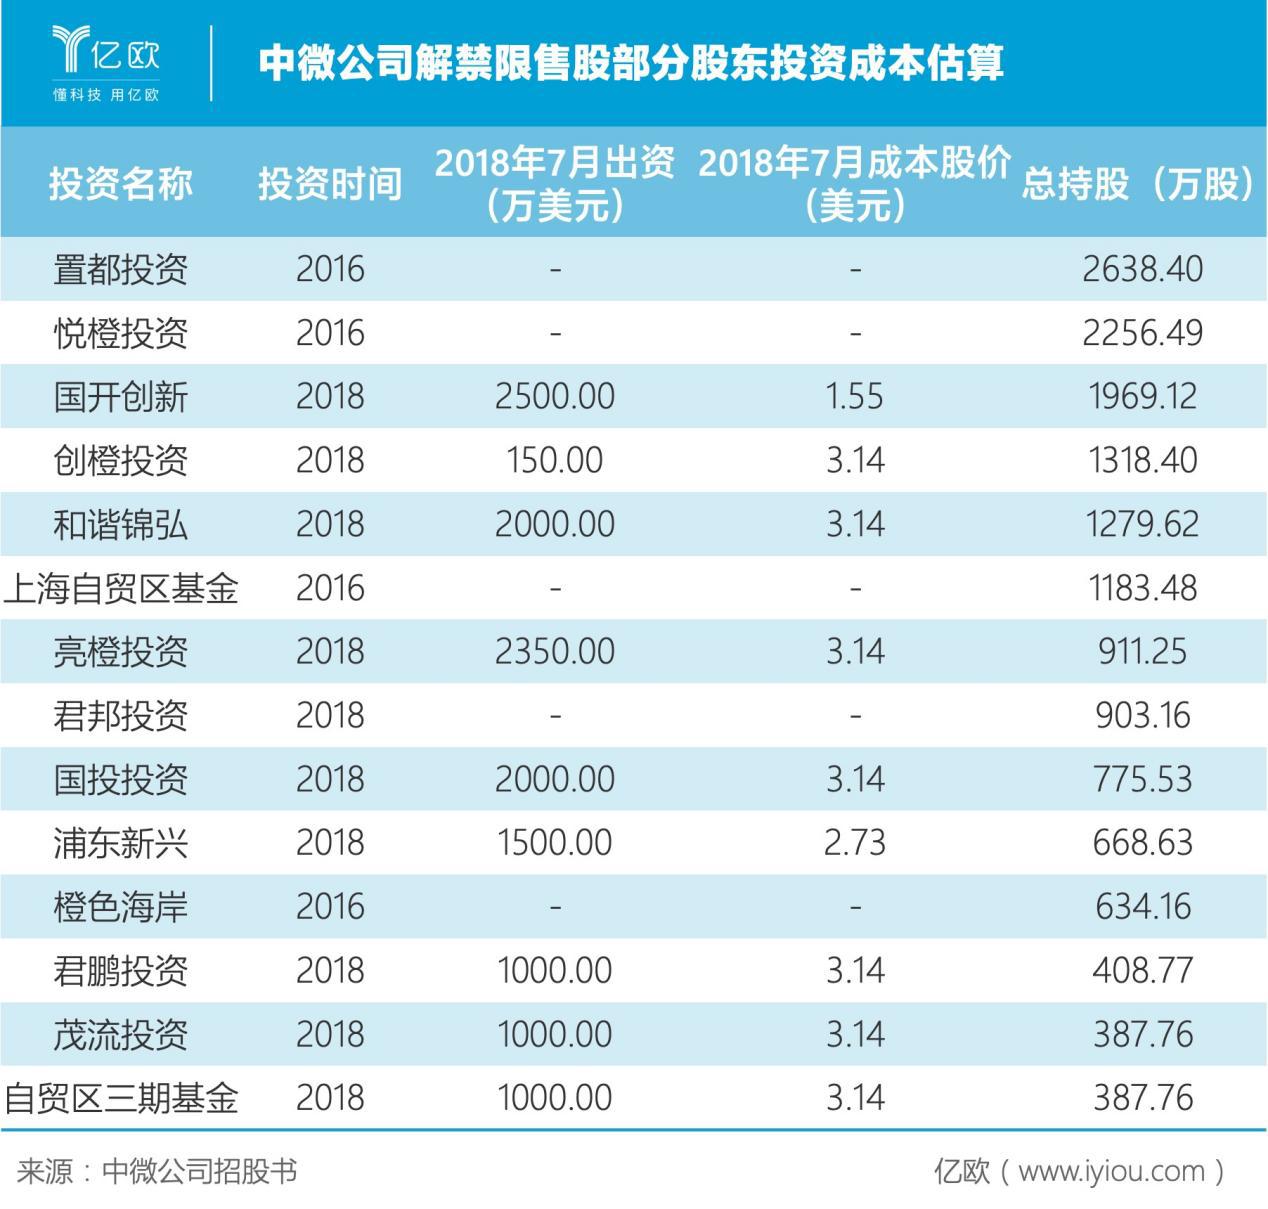 中微公司解禁限售股部分股东投资成本估算